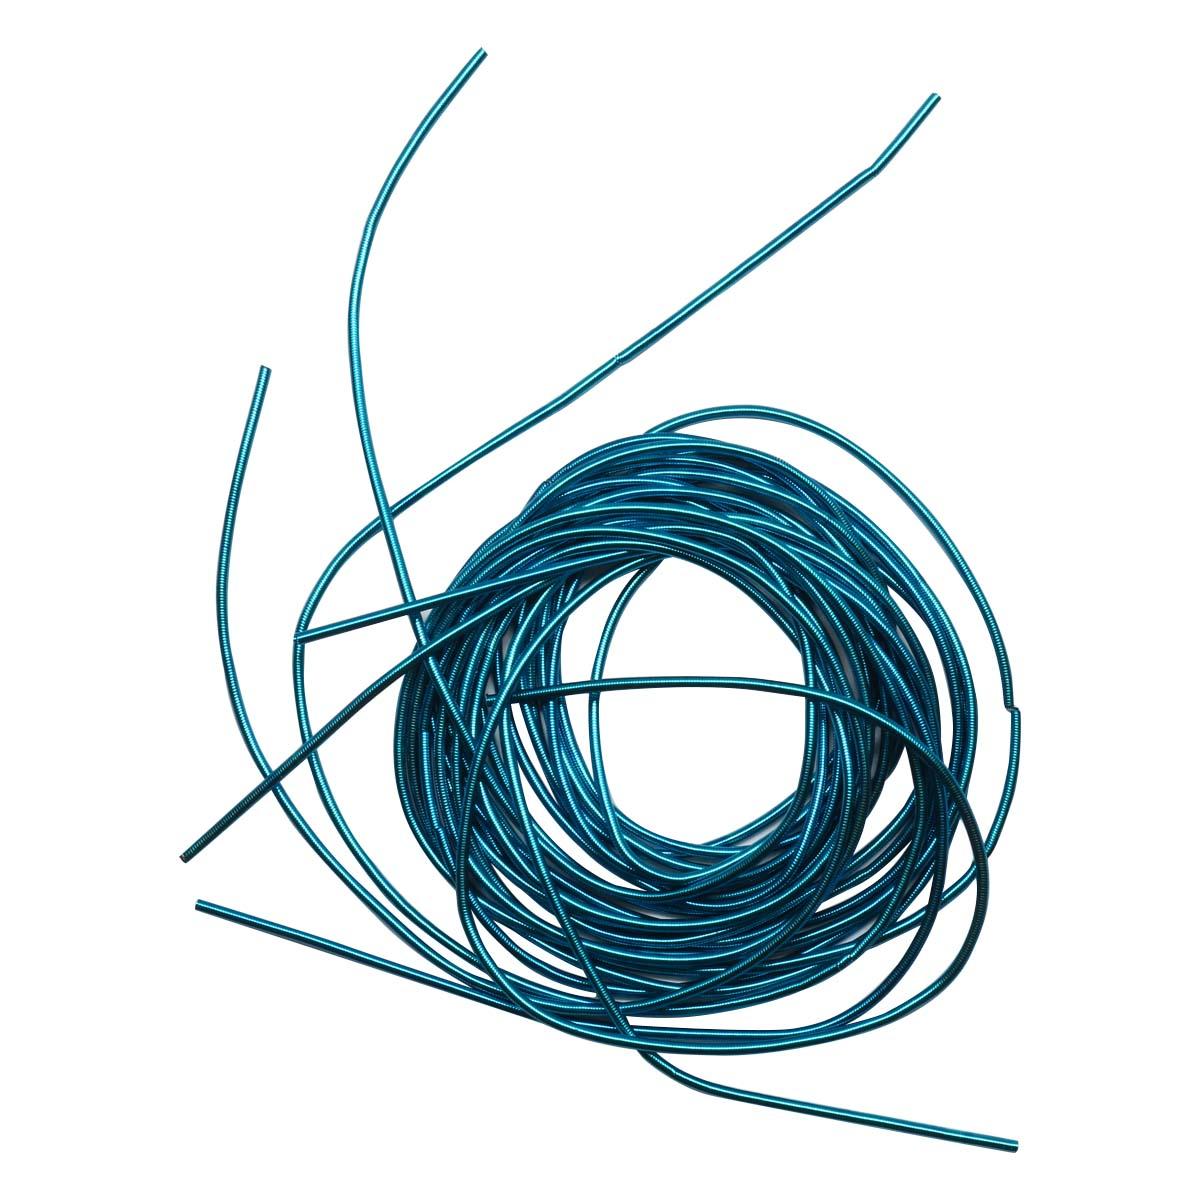 КА008НН1 Канитель гладкая Голубой 1 мм, 5 грамм +/- 0,5 гр.